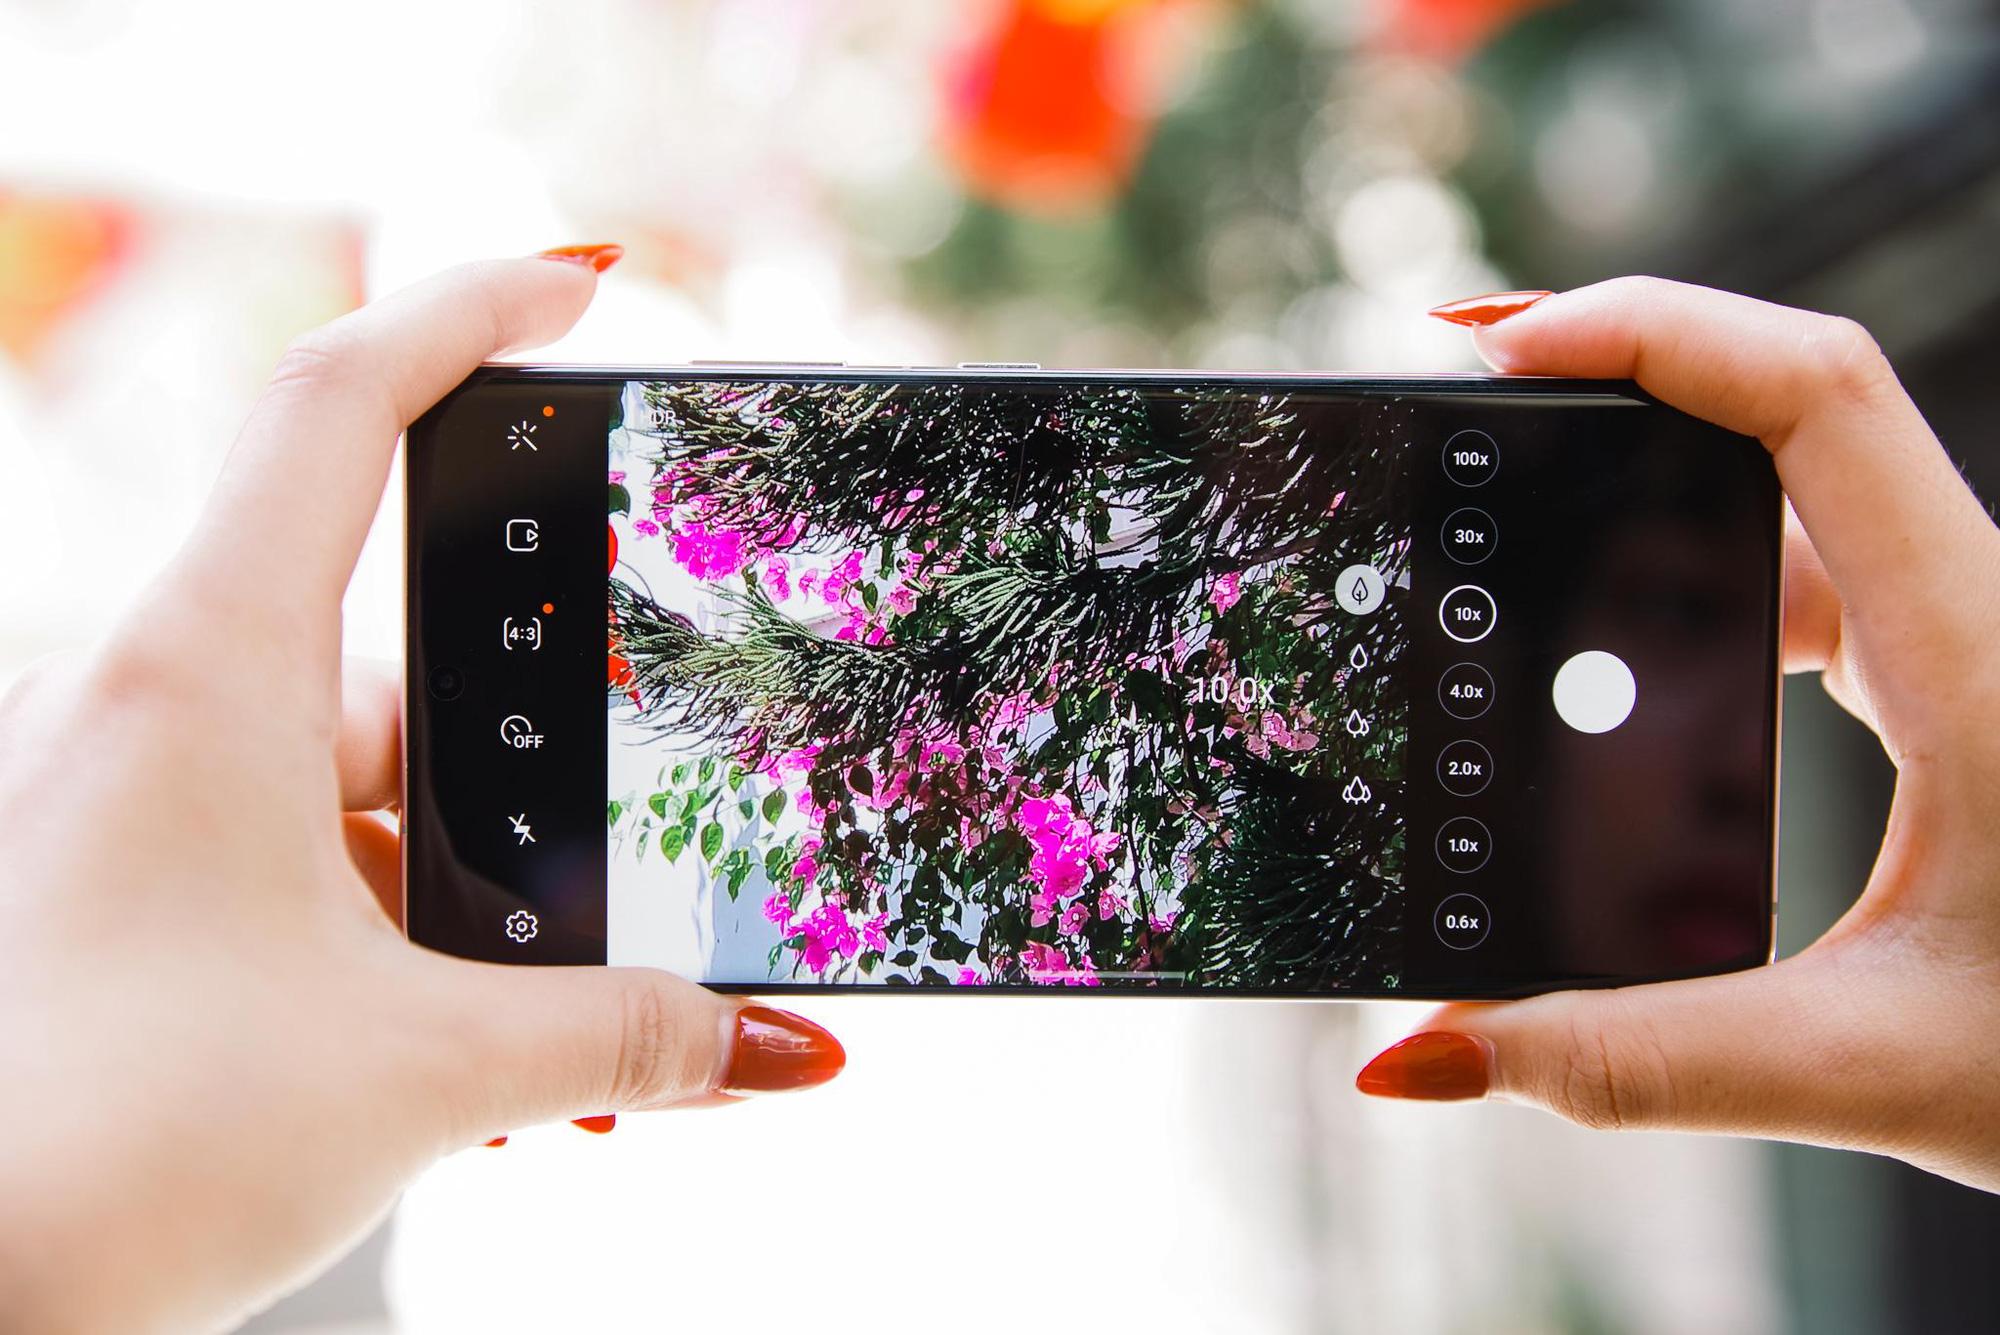 Smartphone ngày nay cần có trách nhiệm thông báo cho người dùng khi chuyển sang tính năng zoom số